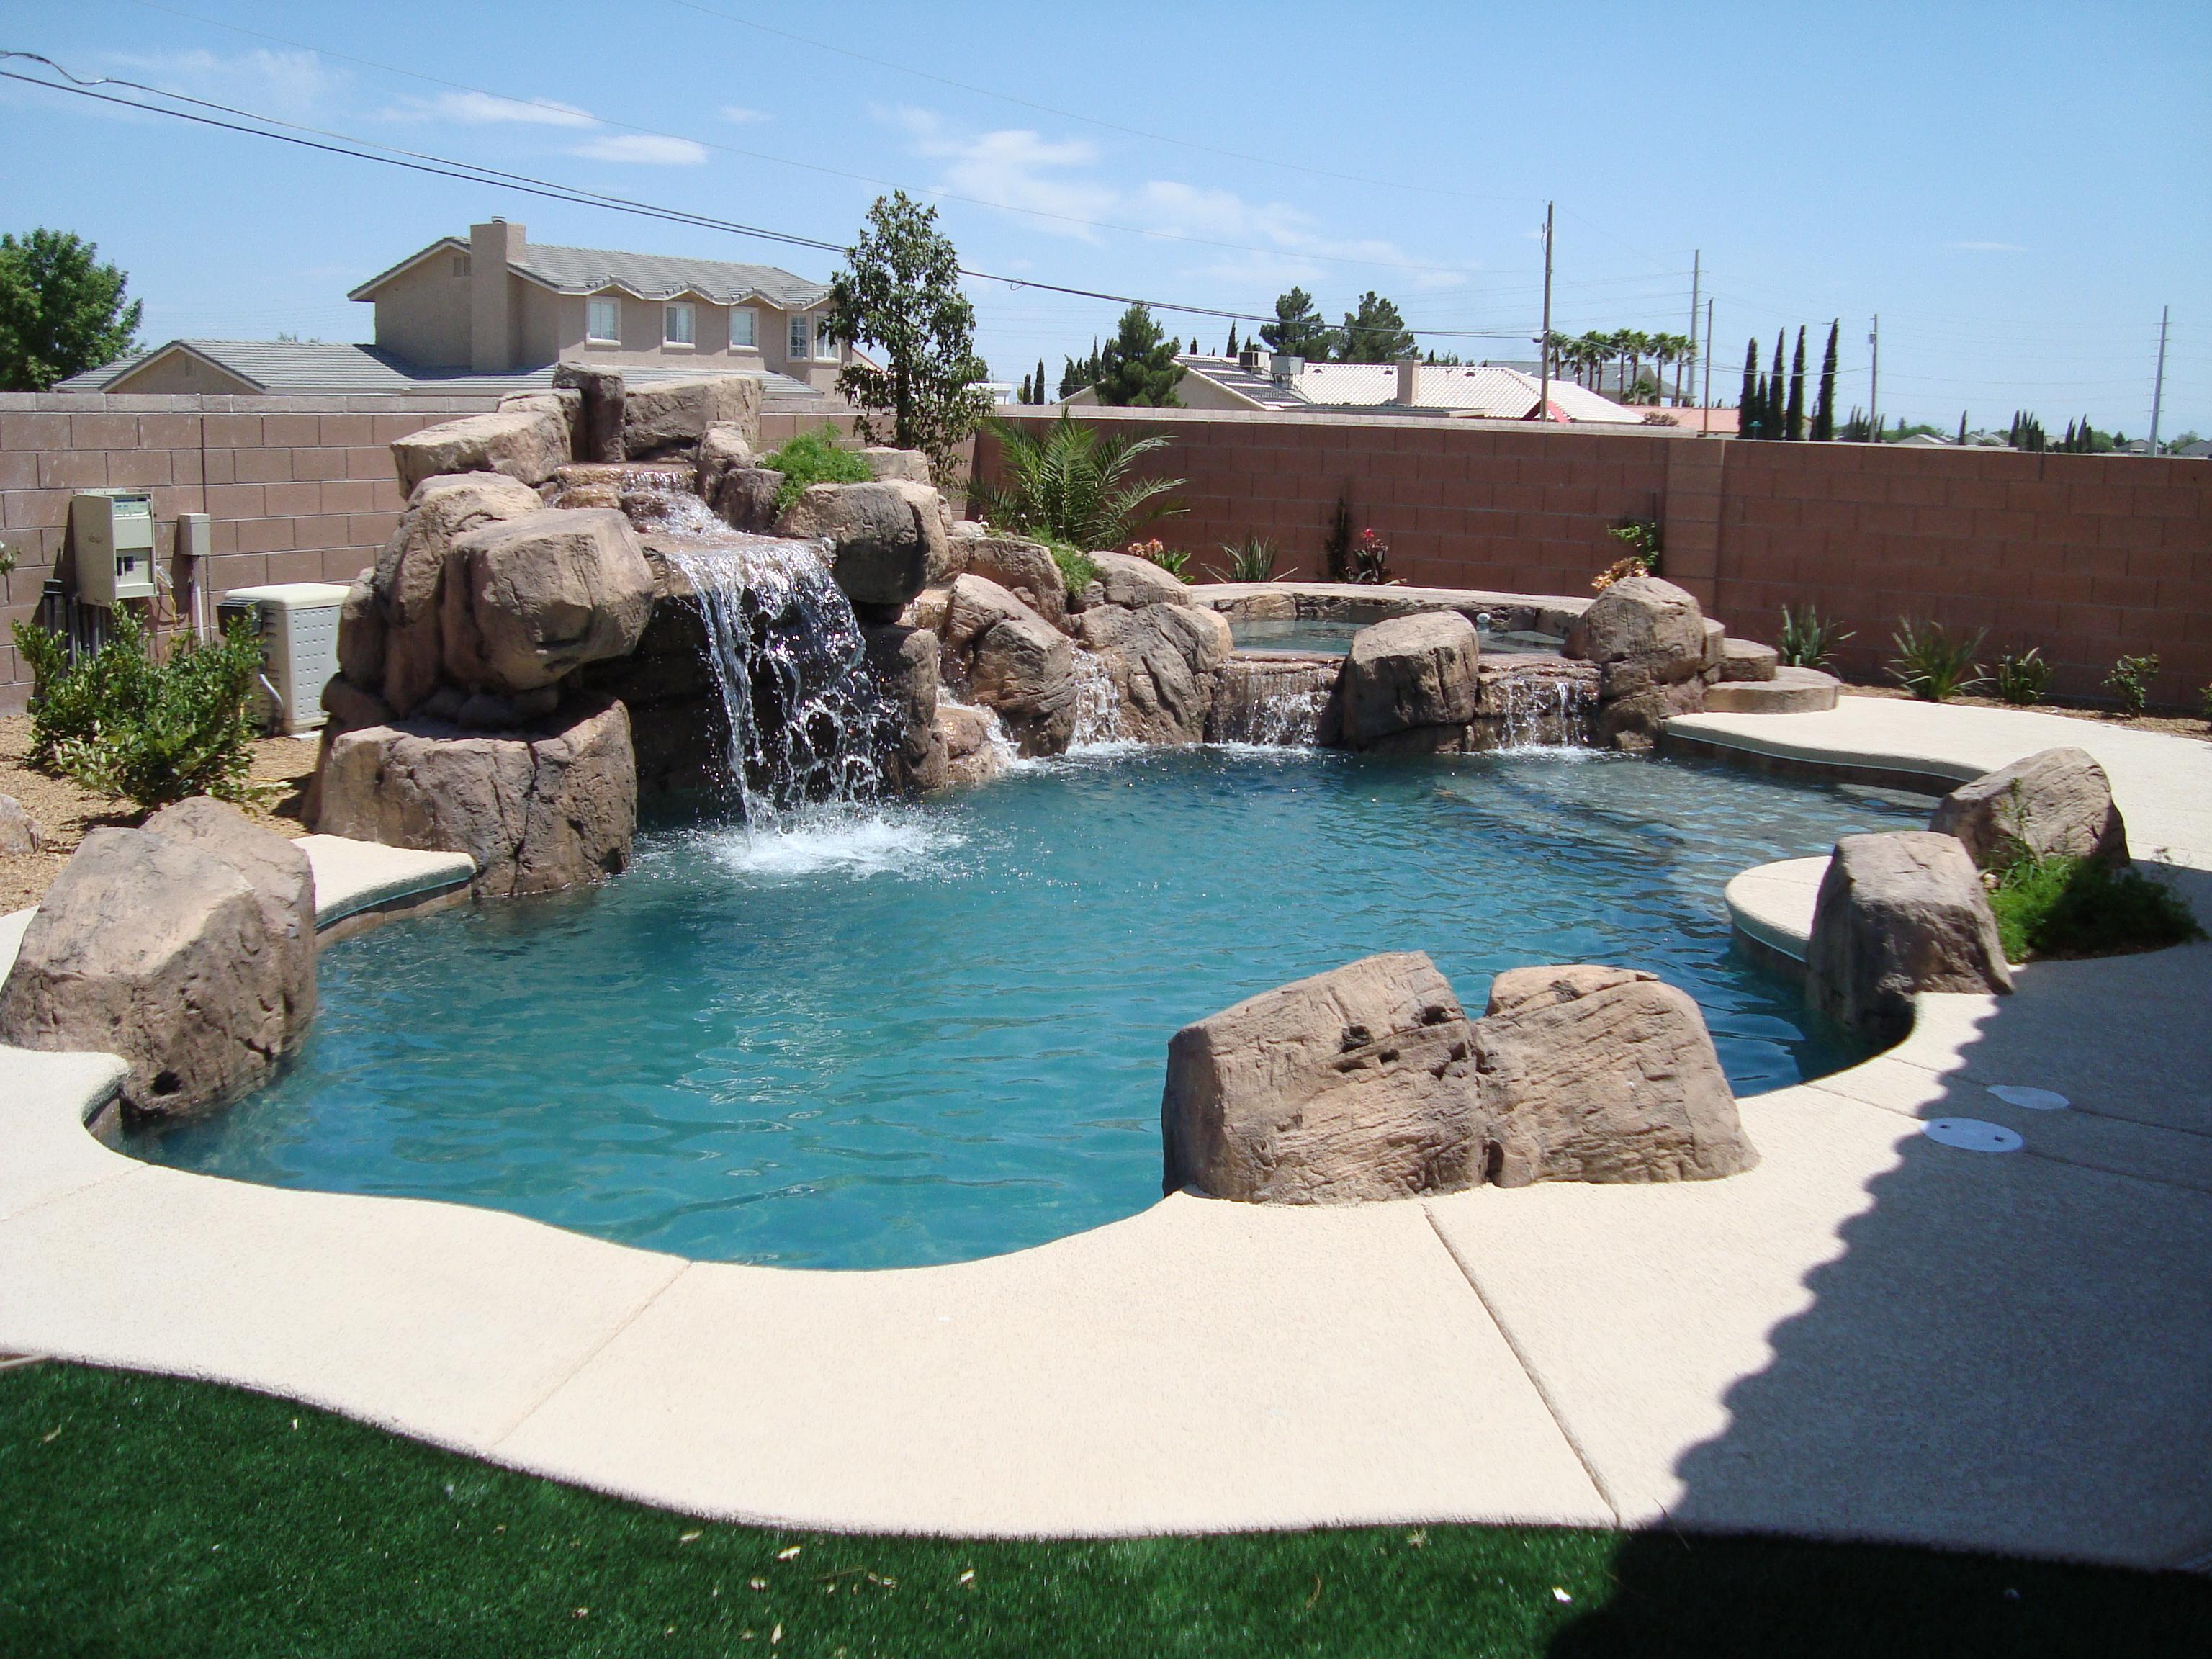 Arizona insurance policies arizona insurance blog for Arizona swimming pools